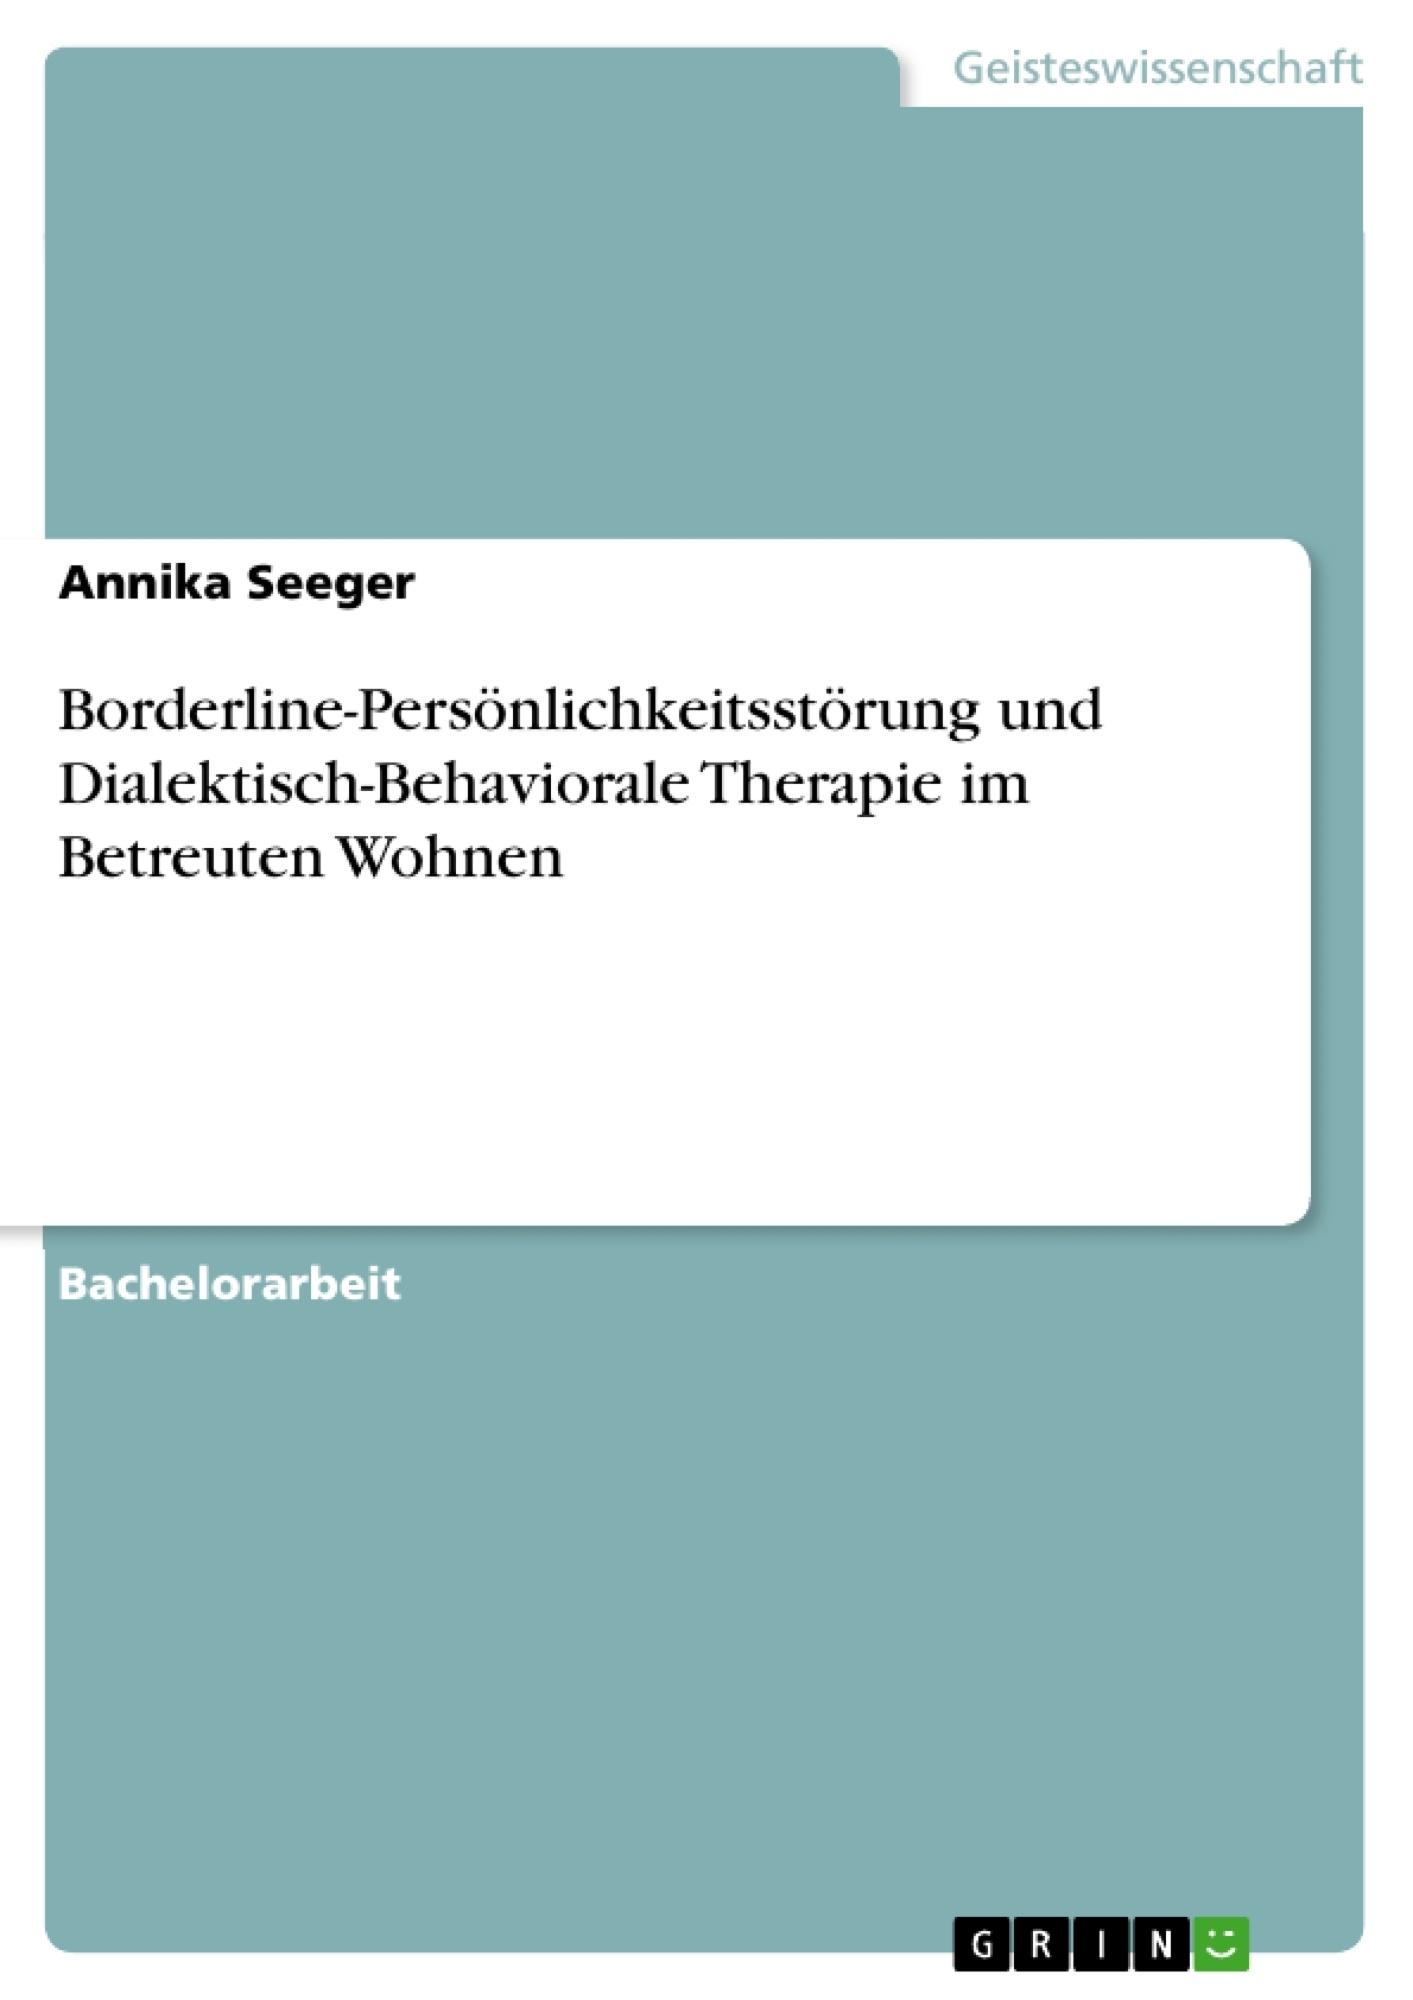 Titel: Borderline-Persönlichkeitsstörung und Dialektisch-Behaviorale Therapie im Betreuten Wohnen